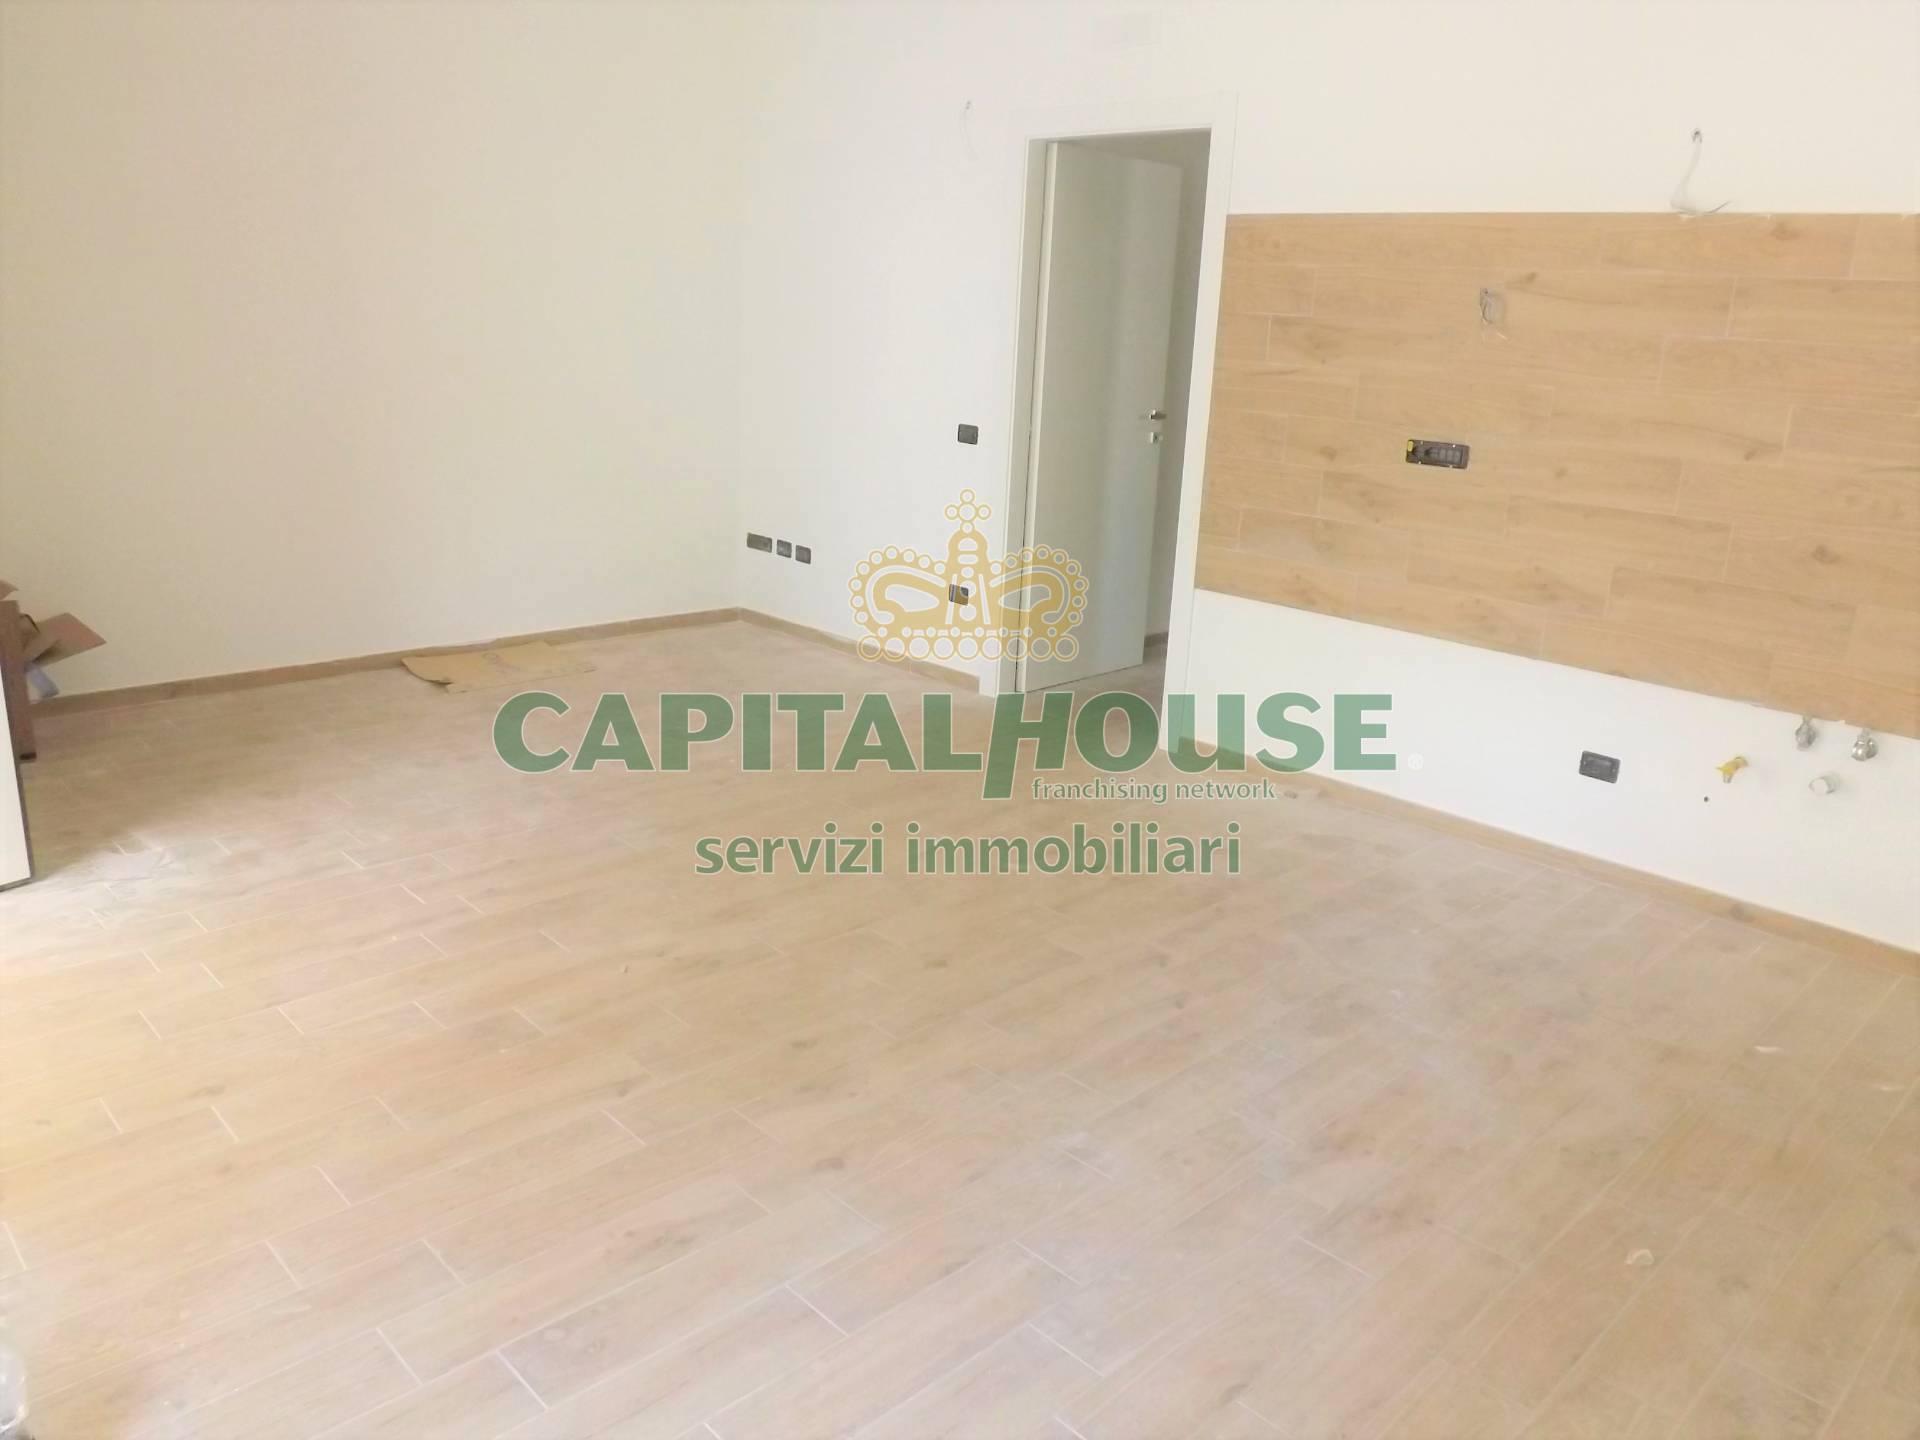 Appartamento in vendita a Atripalda, 3 locali, prezzo € 150.000 | CambioCasa.it